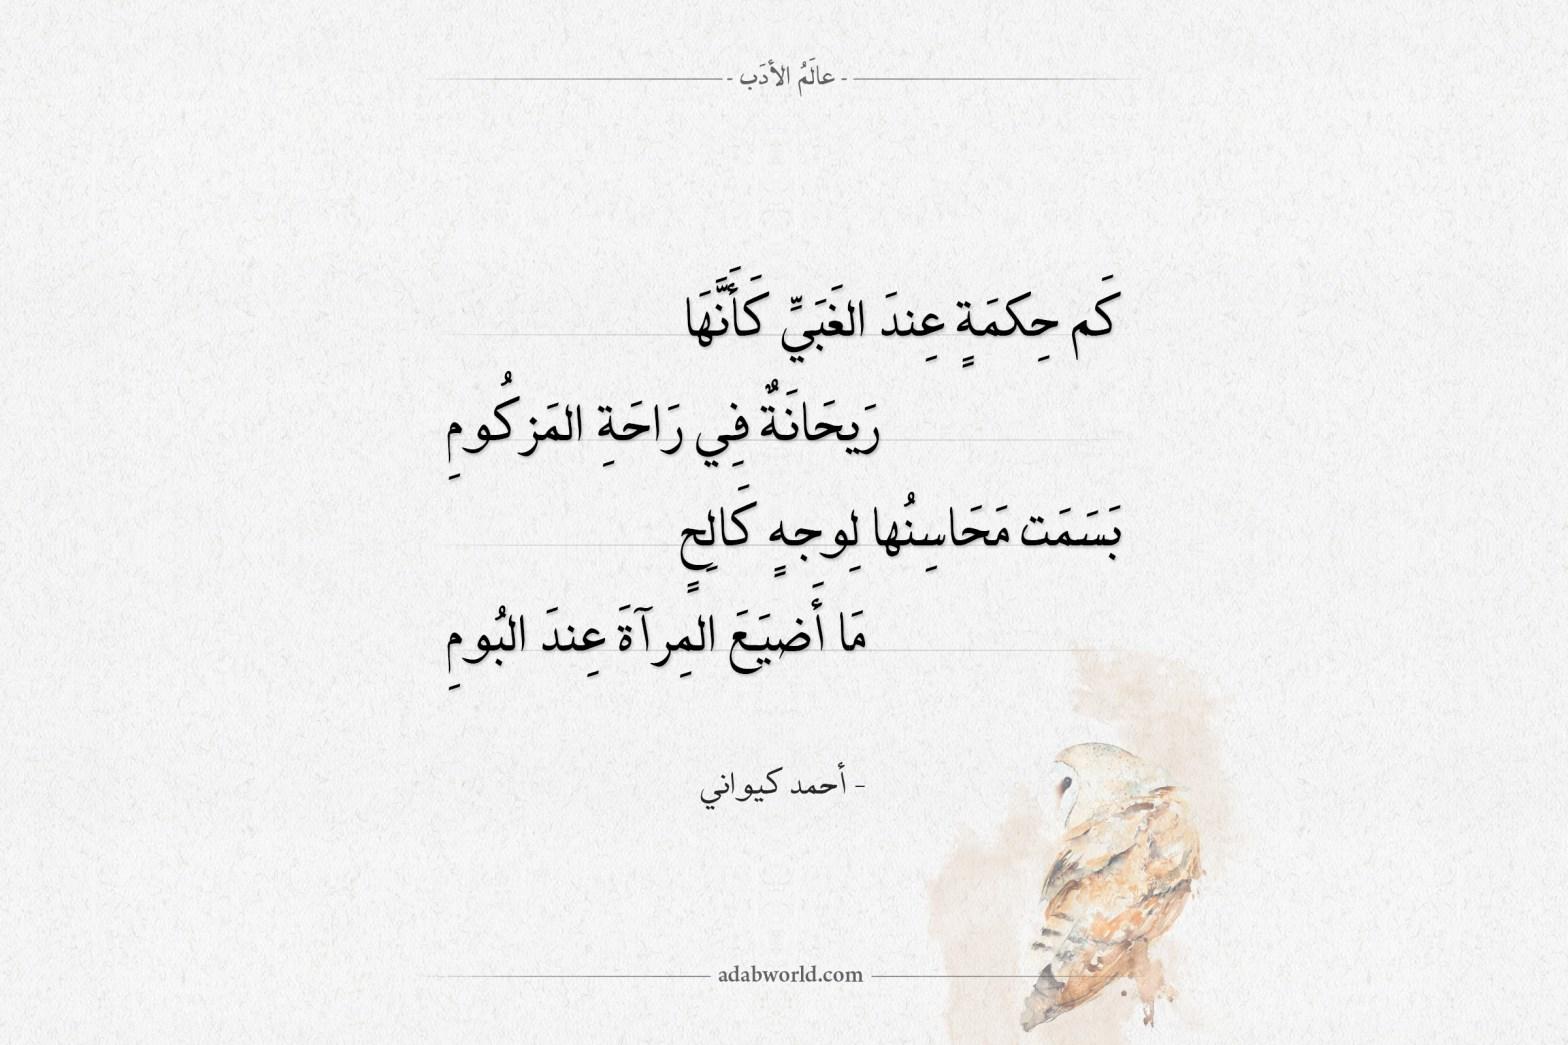 شعر أحمد كيواني - كم حكمة عند الغبي